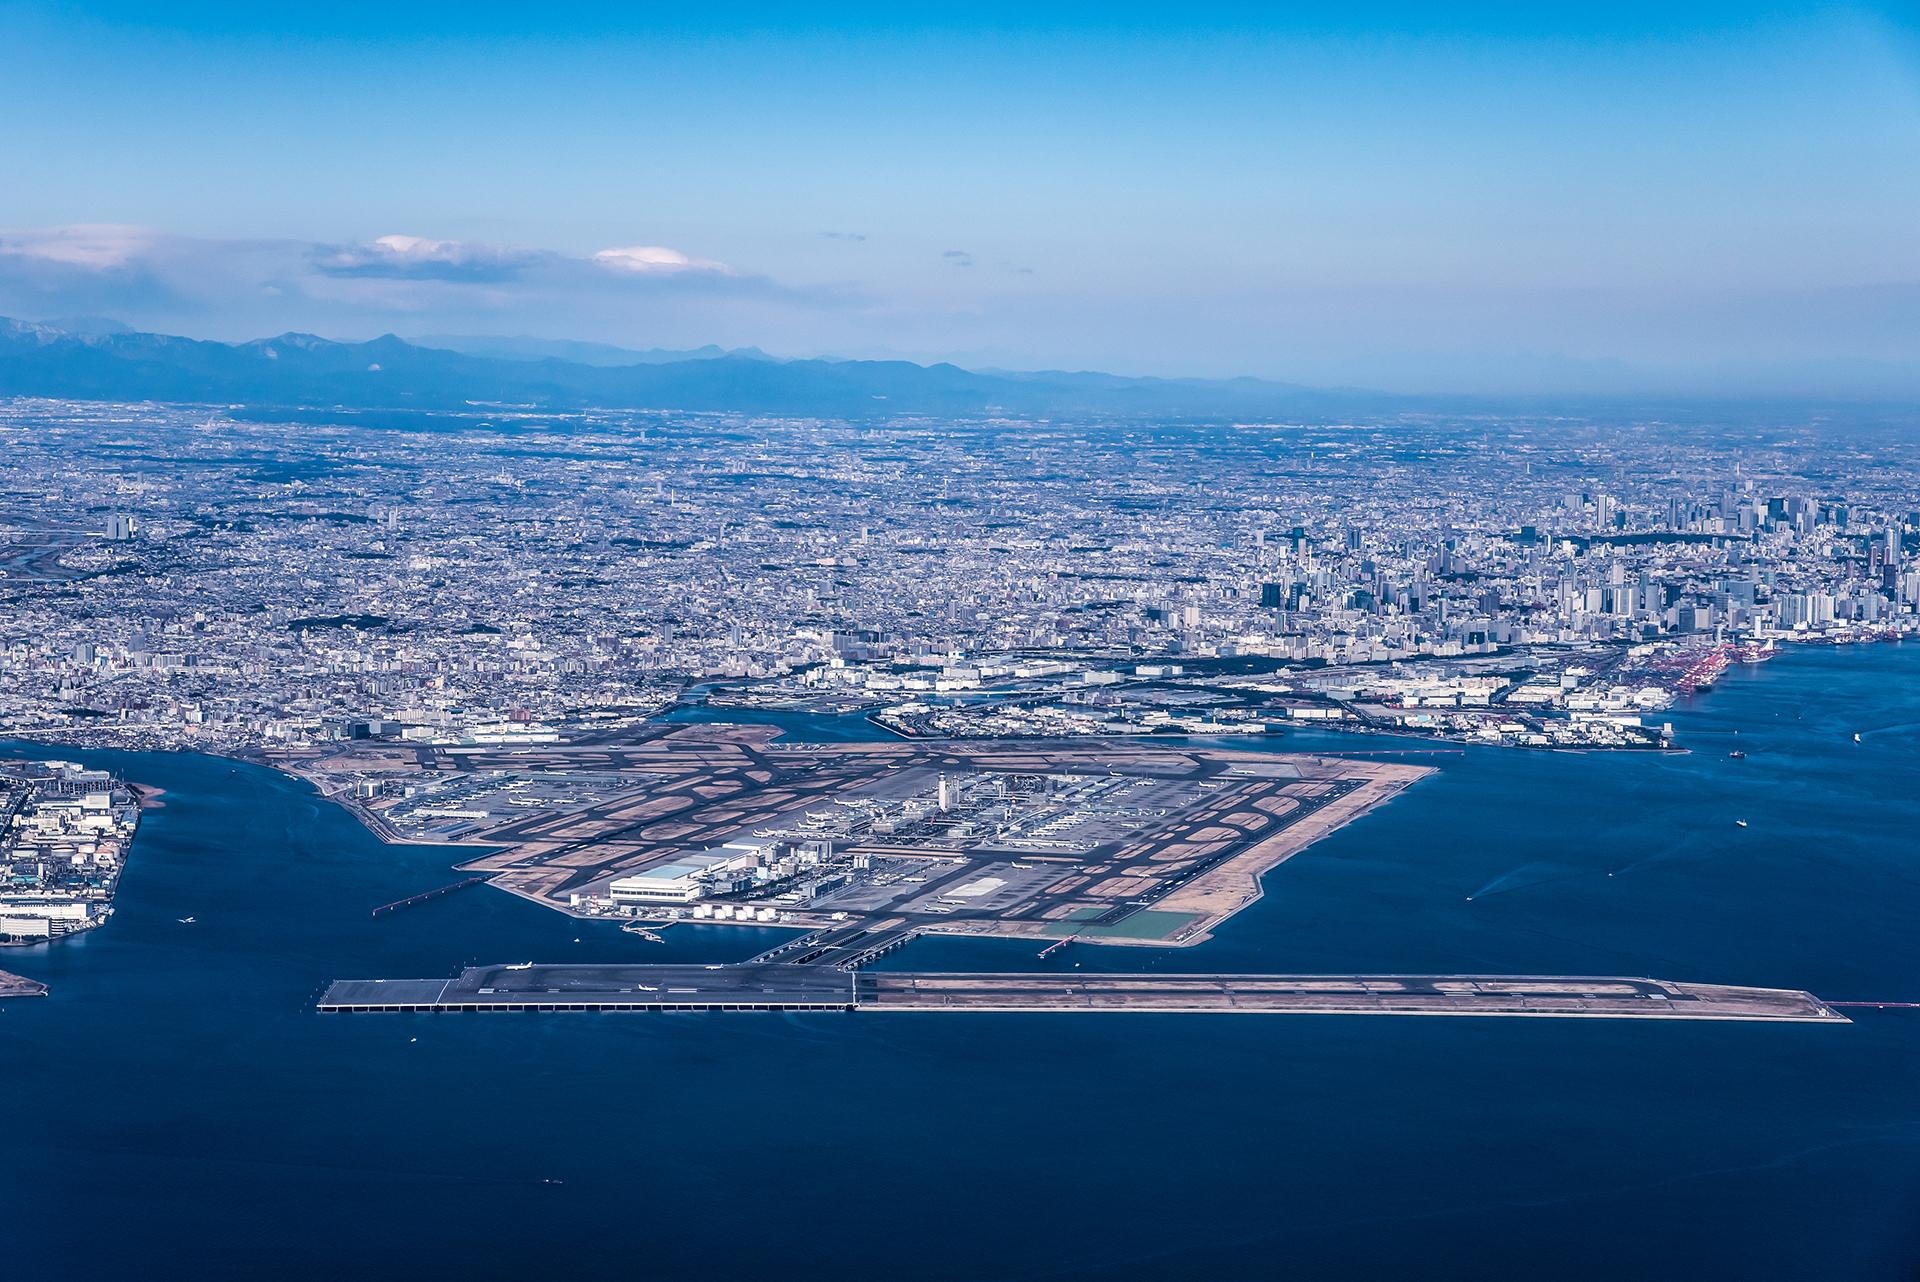 羽田空港 滑走路メンテナンス・増設工事